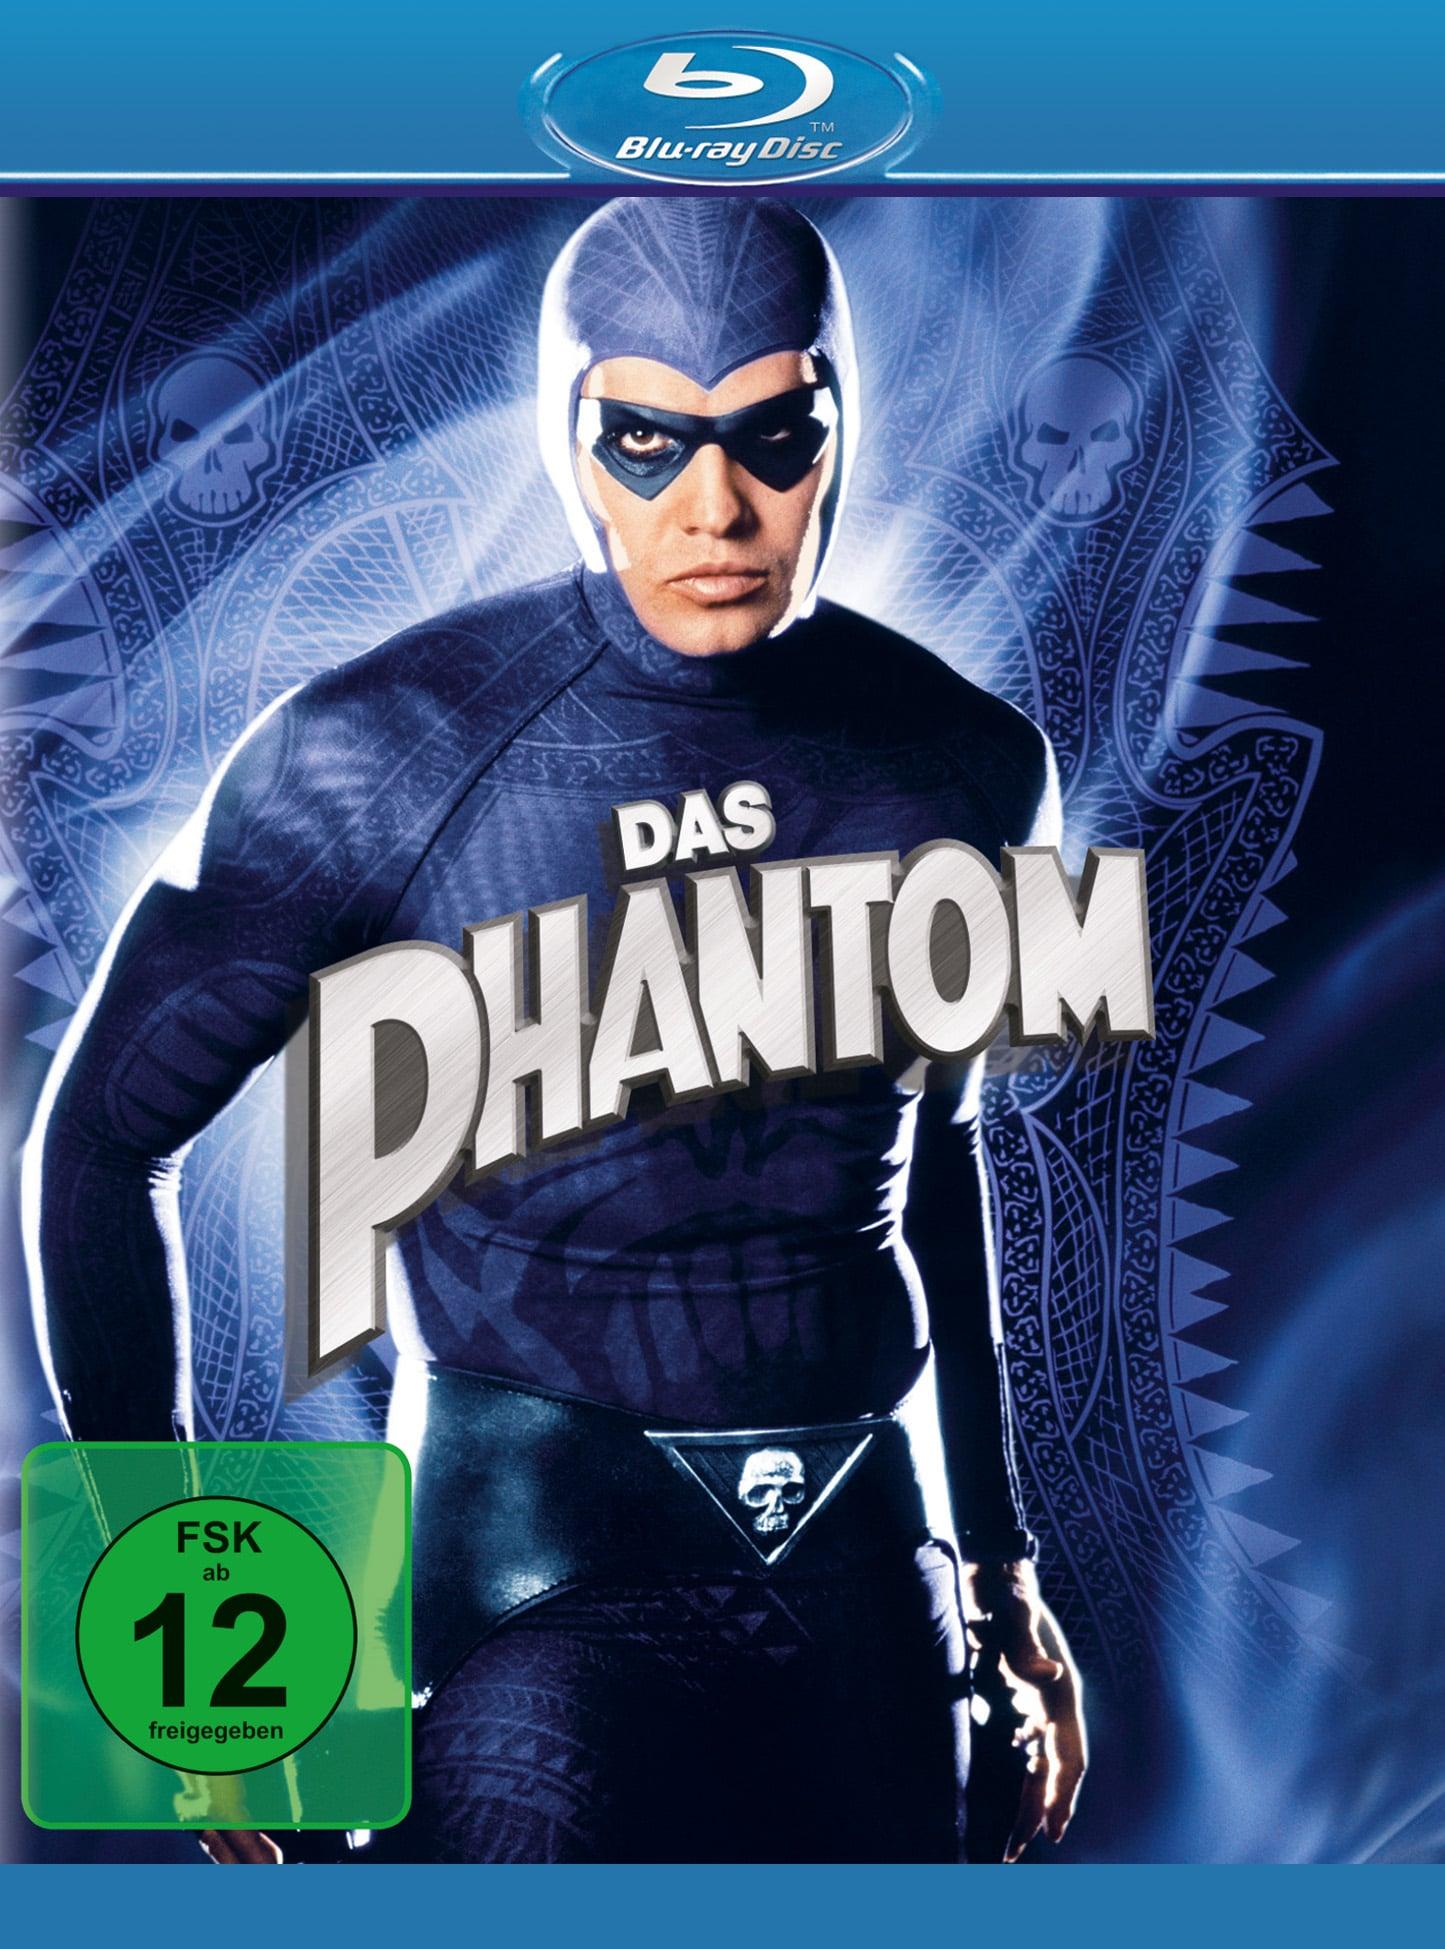 Auf dem Blu-ray-Cover von Das Phantom sieht man Billy Zane im lila Kostüm des Phantoms, mit einer schwarzen Augenmaske und einem Totenkopfgürtel. Der Hintergrund ist lila und mit Totenköpfen geschmückt